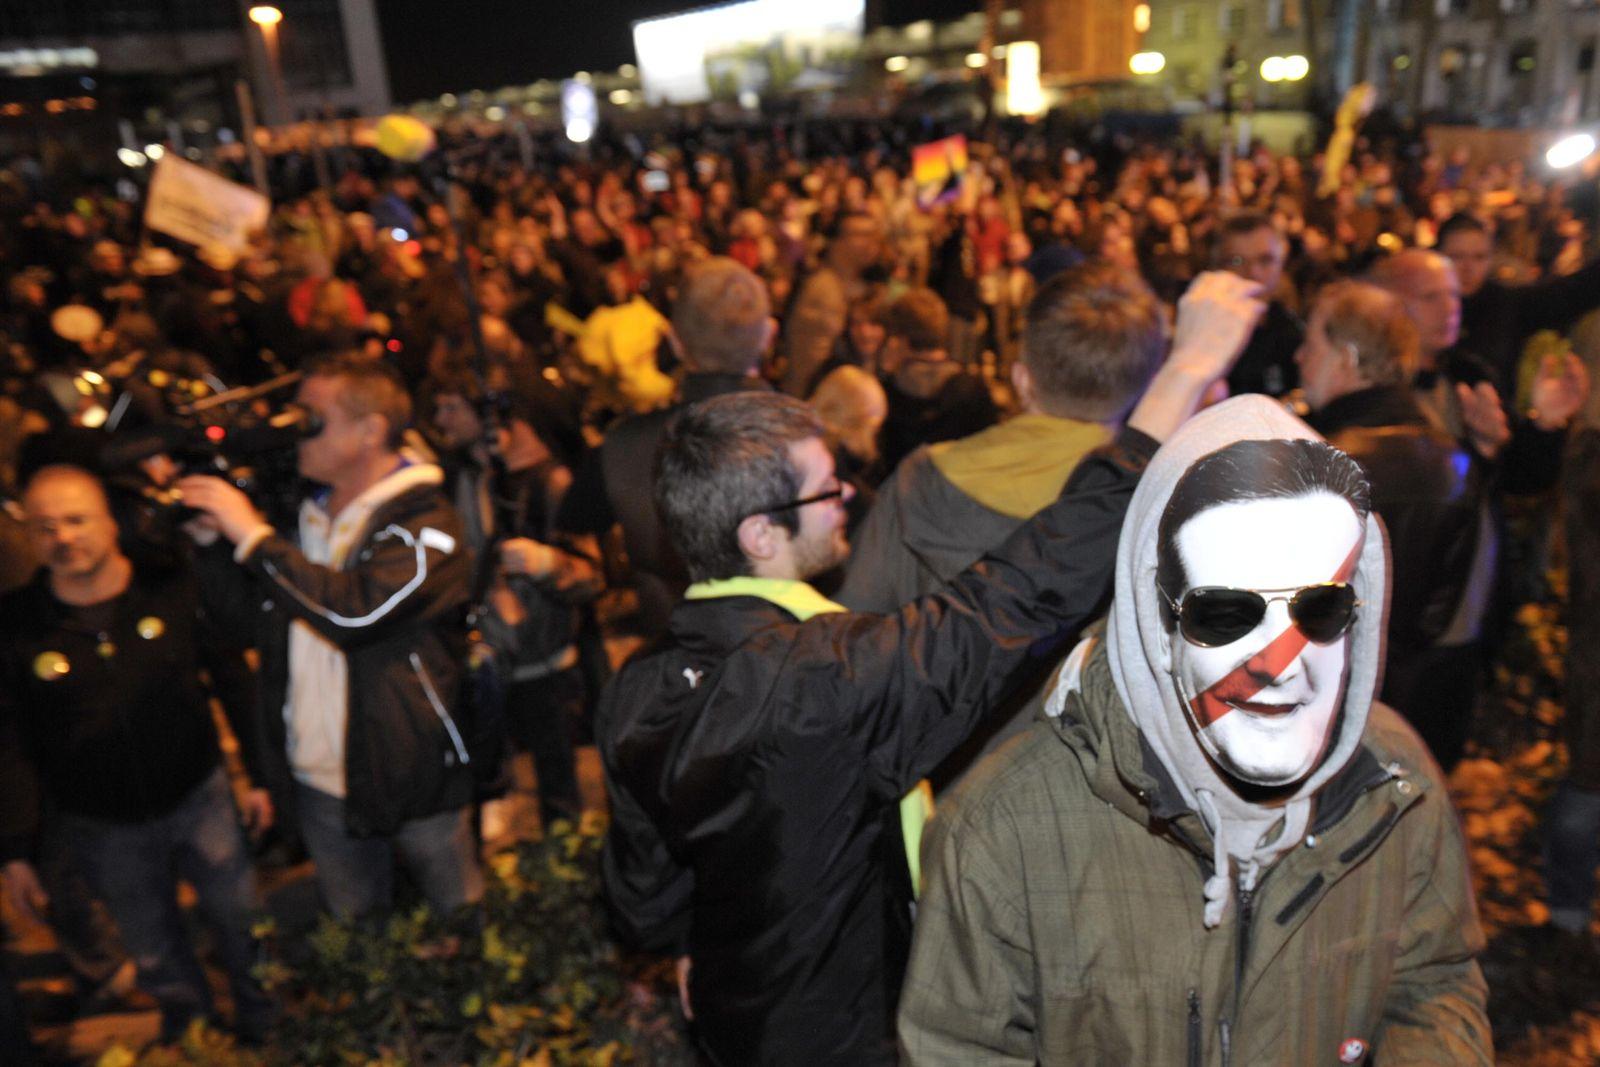 NICHT VERWENDEN Stuttgart 21/ Proteste